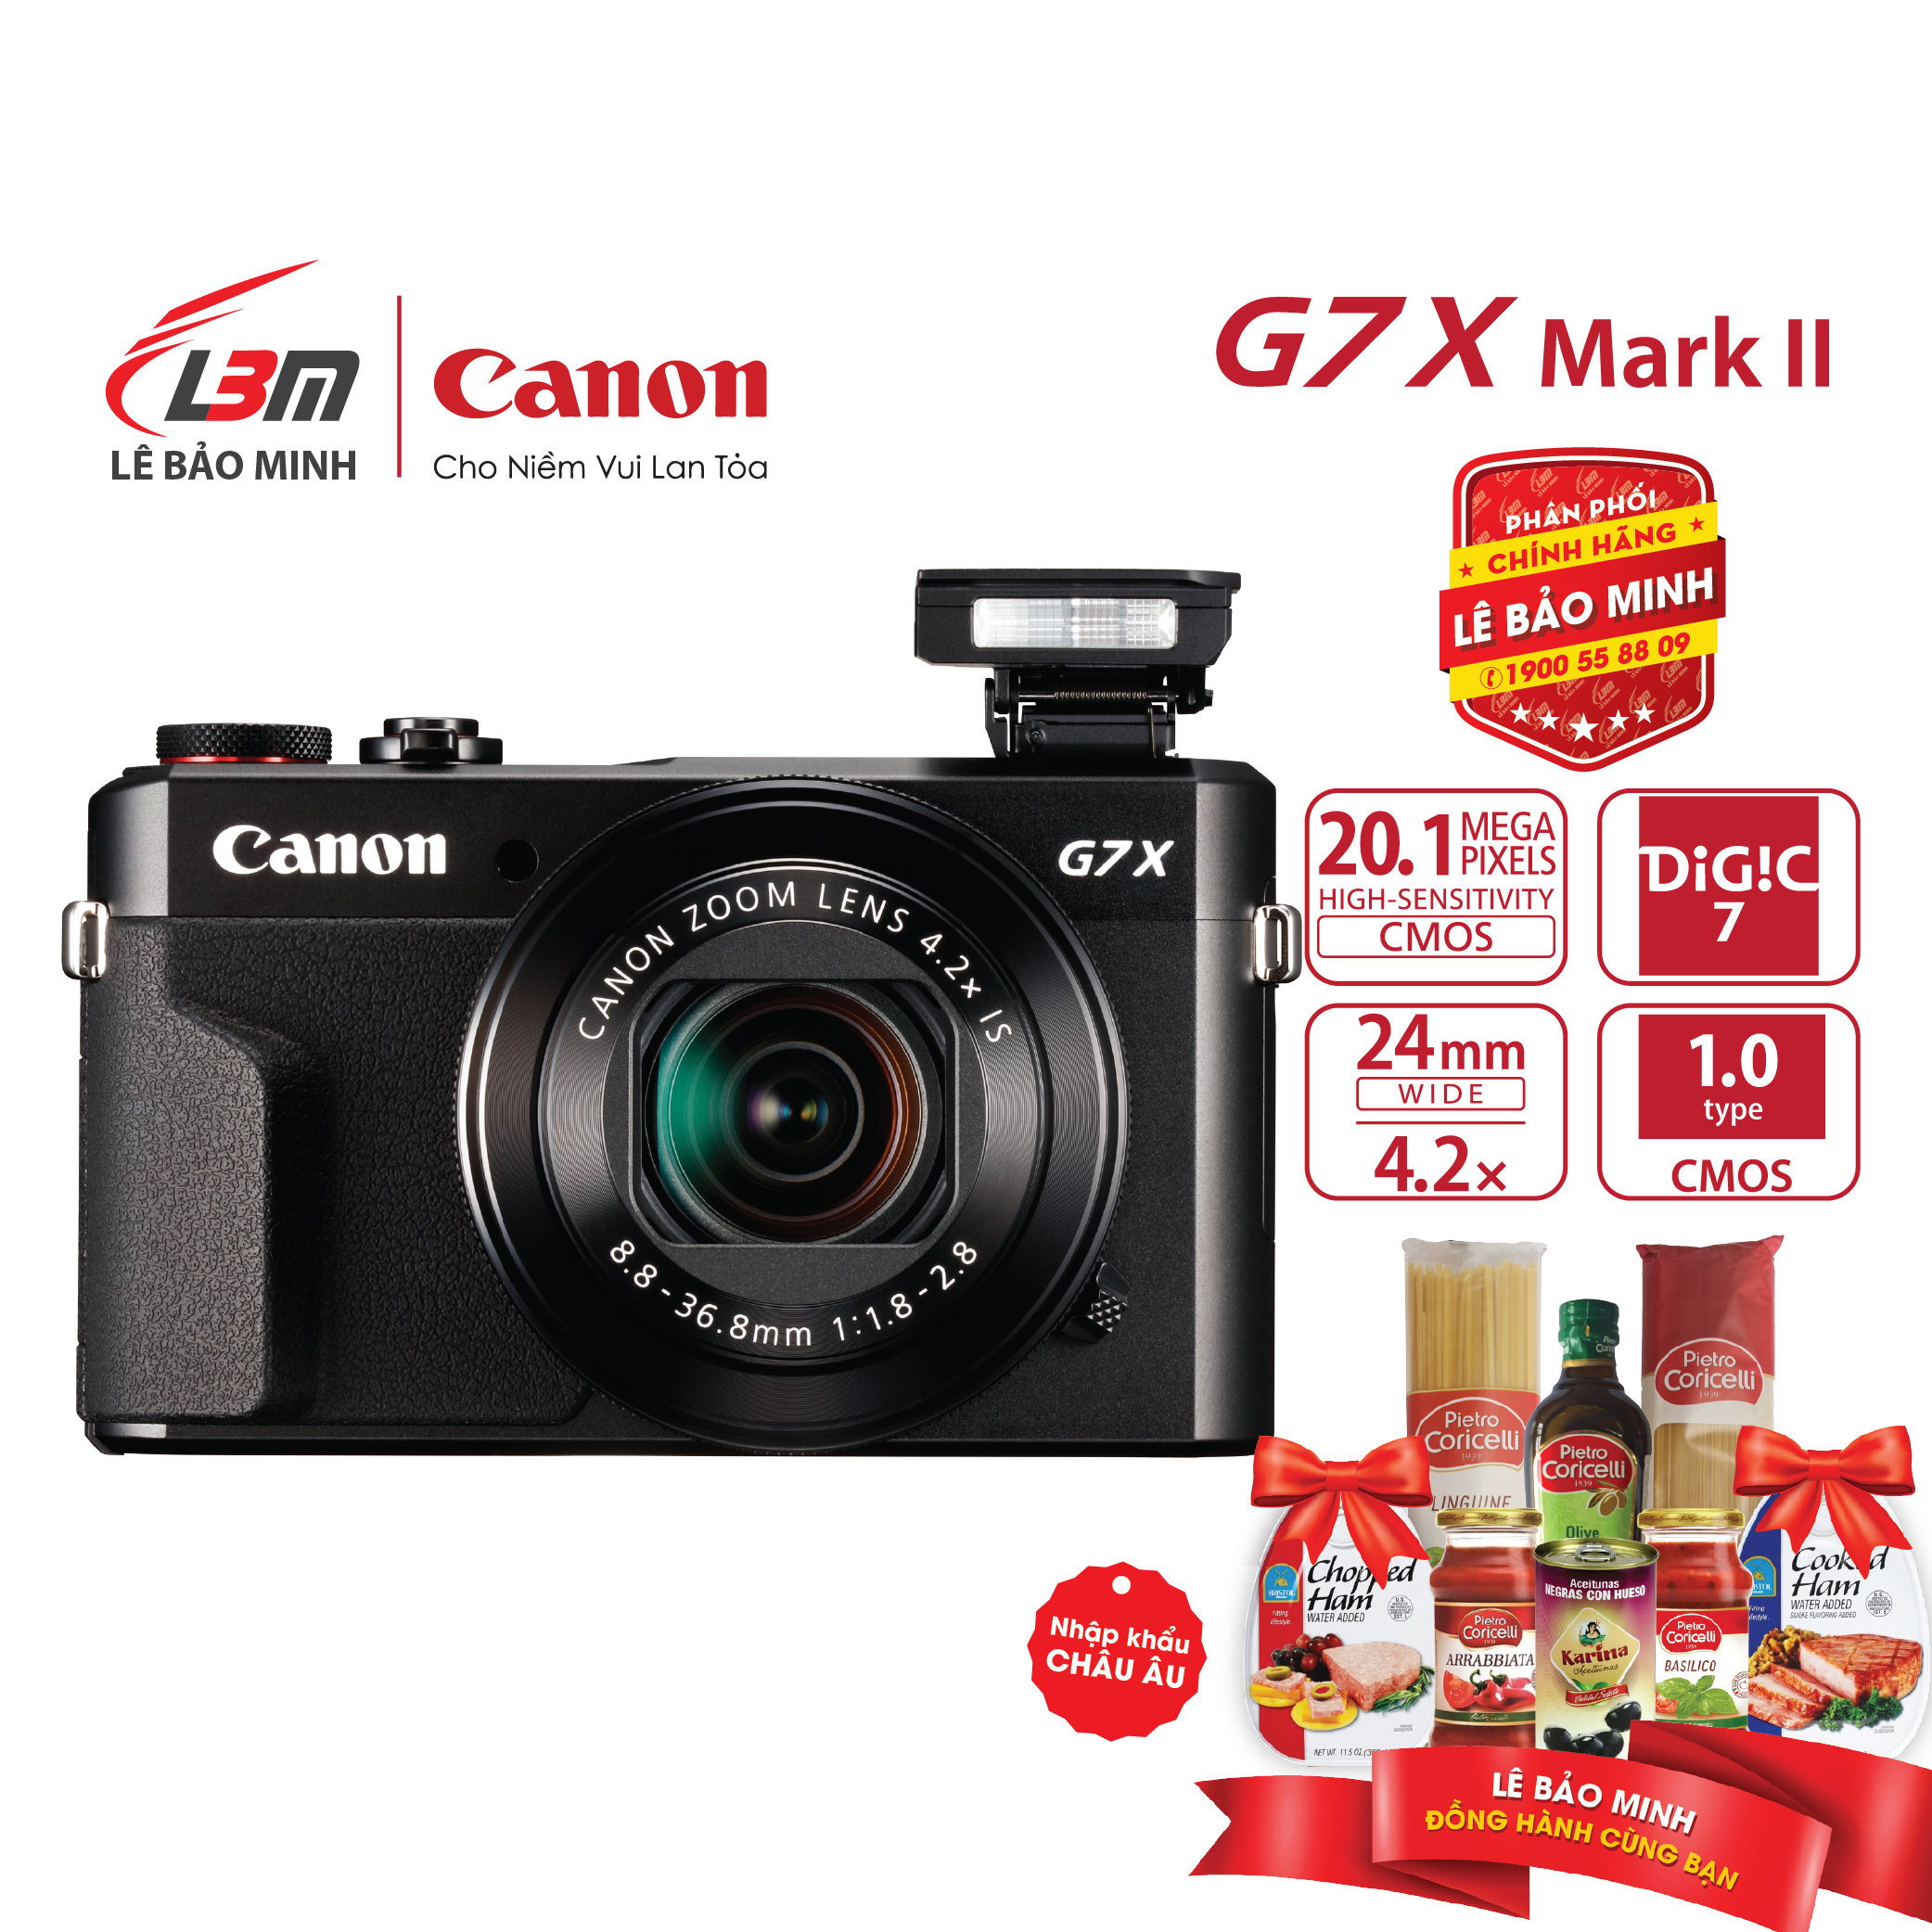 Máy ảnh Canon Powershot G7X MKII – Chính Hãng Lê Bảo Minh